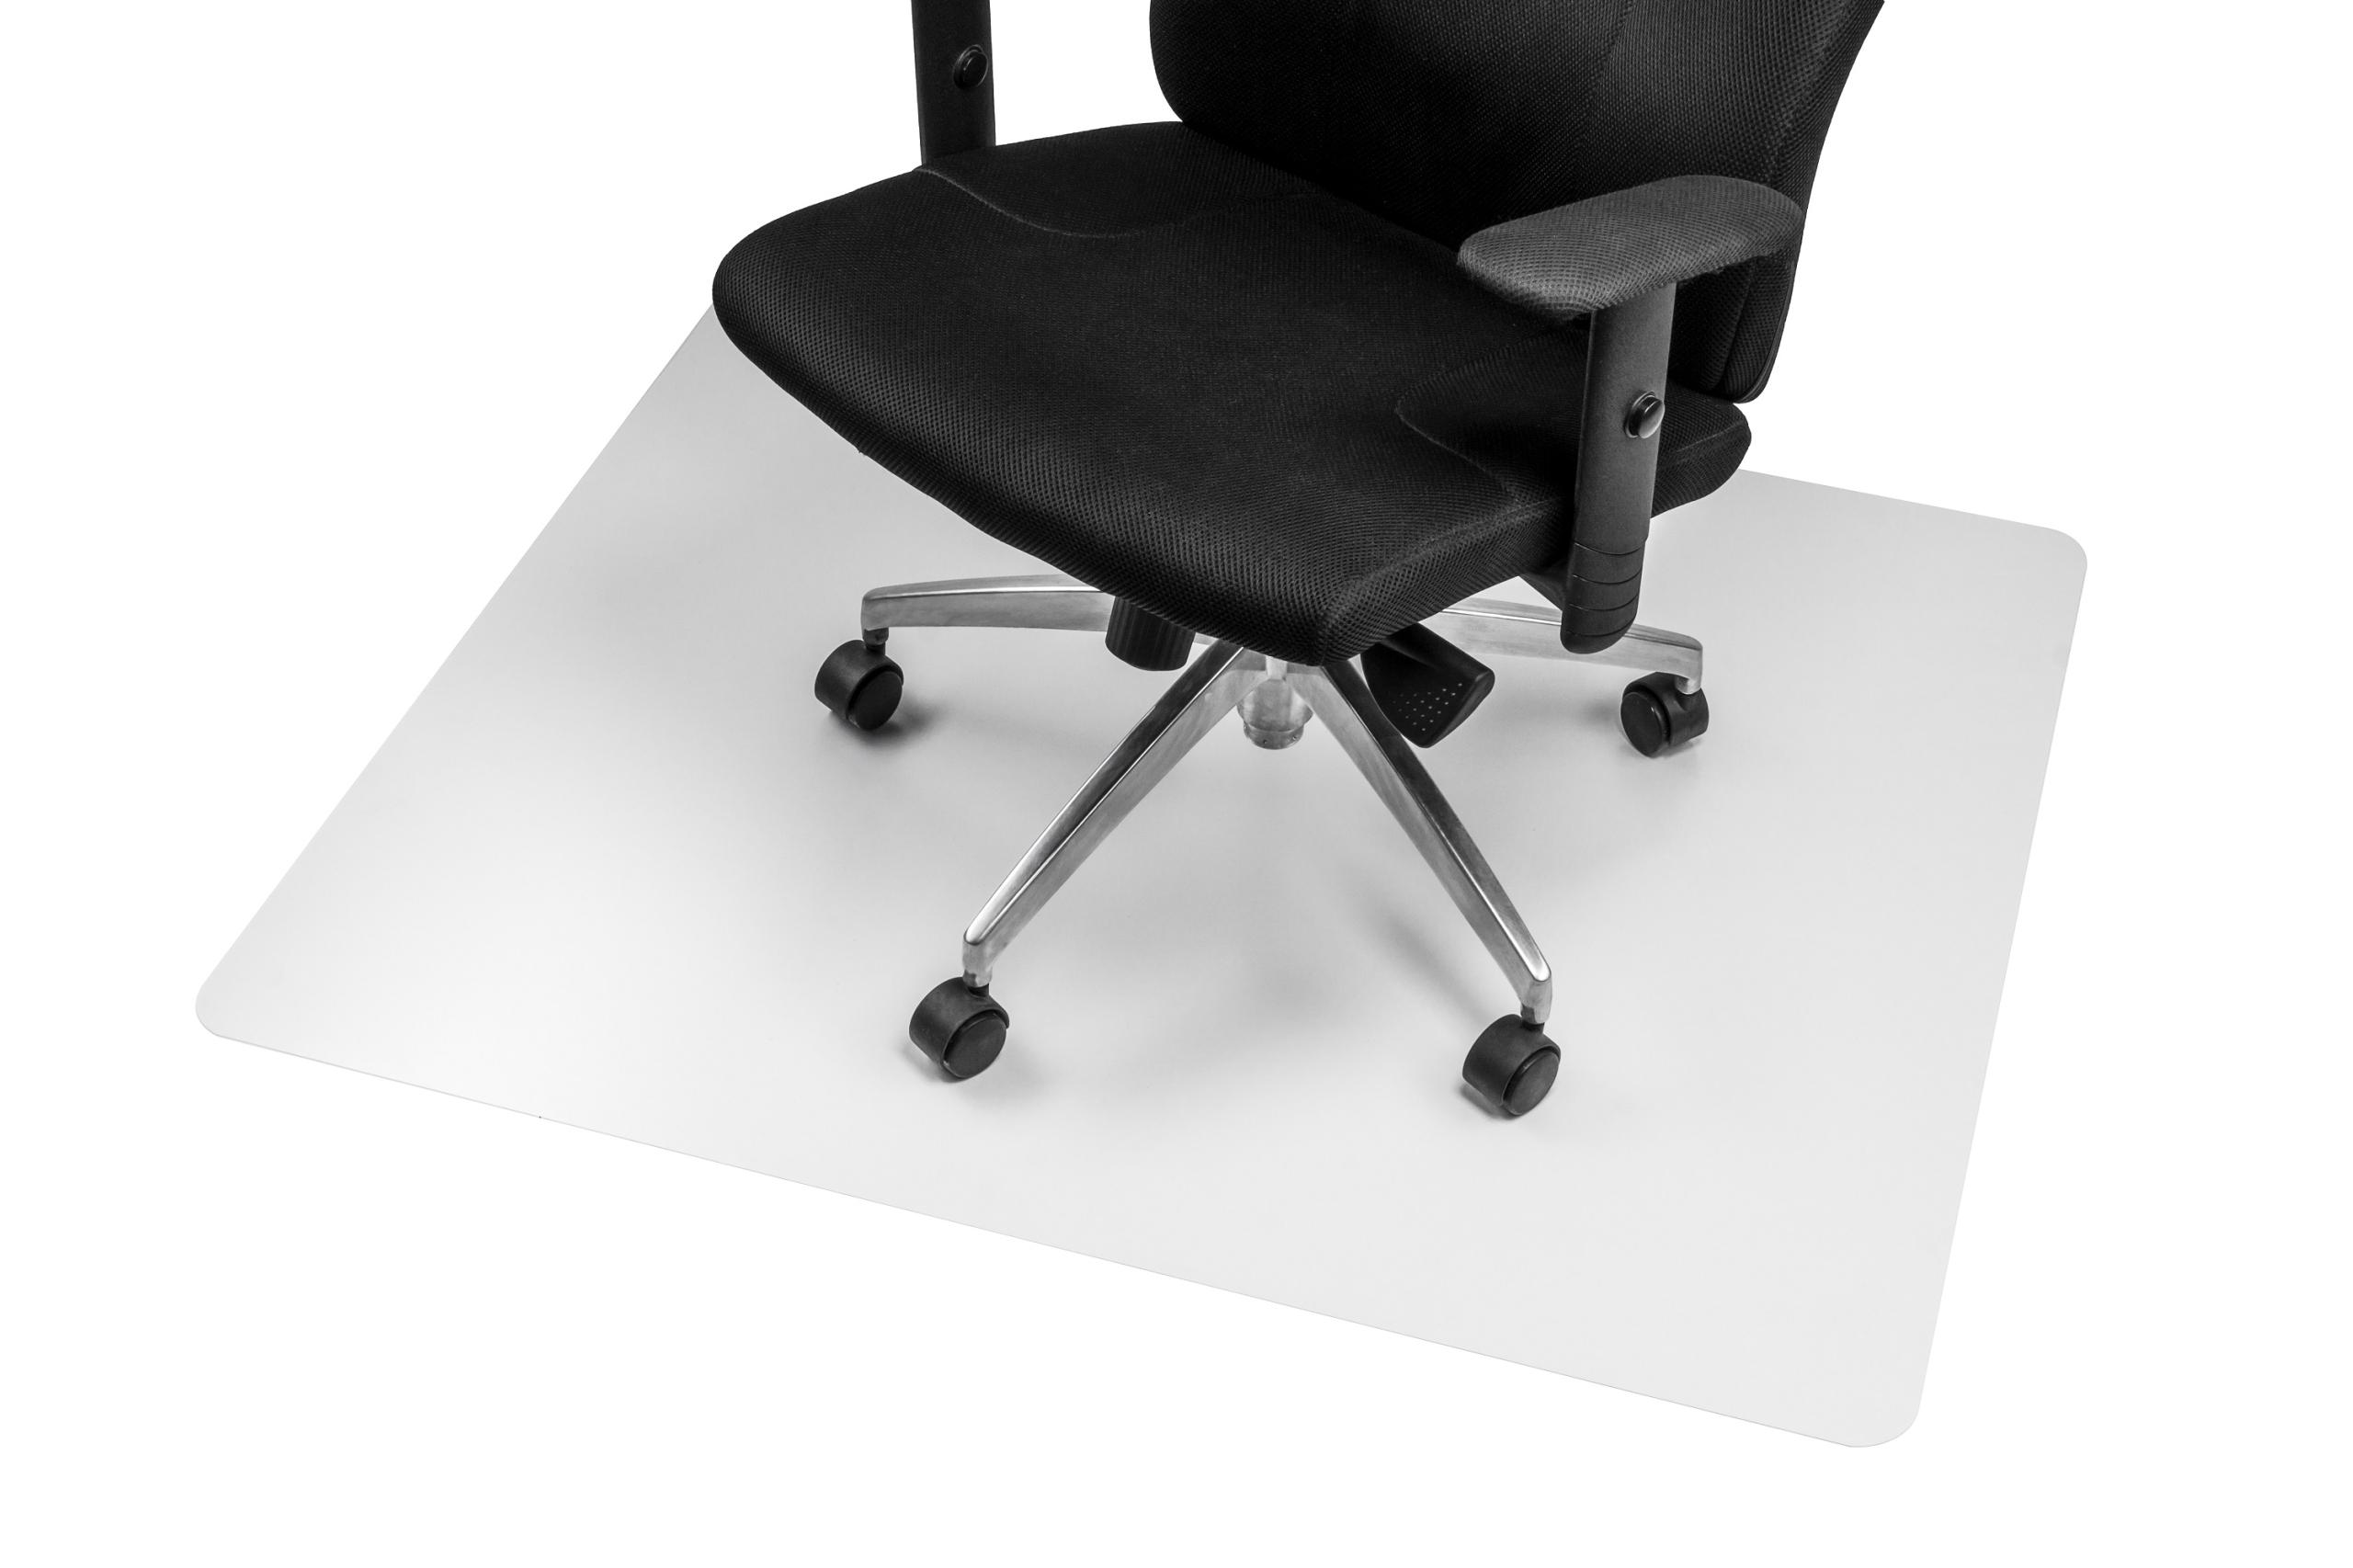 мат под кресло кресло 70x100 cm  антибликовое